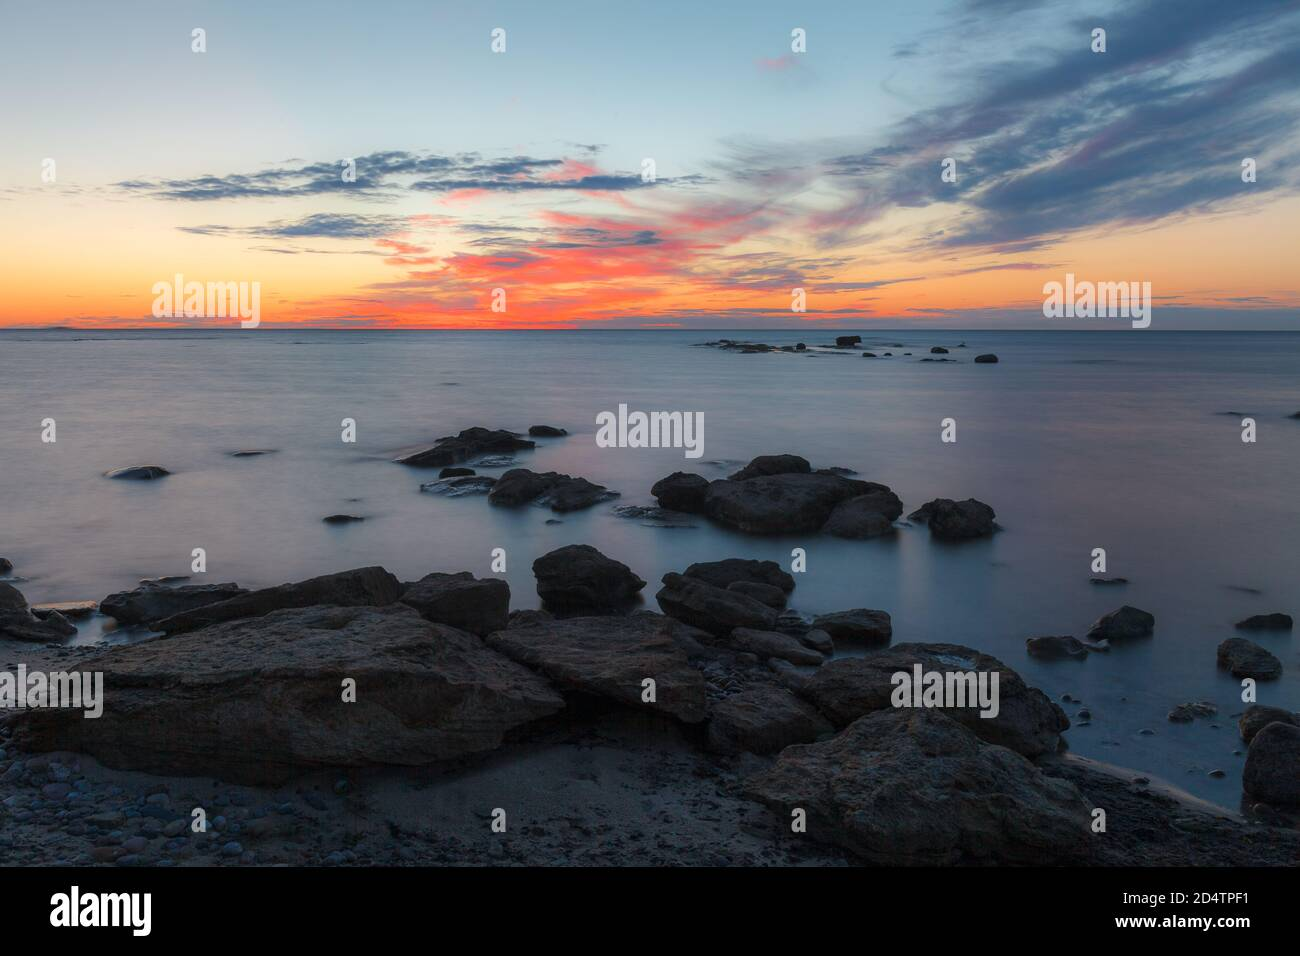 Tramonto crepuscolo sulla costa rocciosa del Mar Baltico. Cielo quasi chiaro e cinghia arancione lungo l'horison. Estonia. Foto Stock